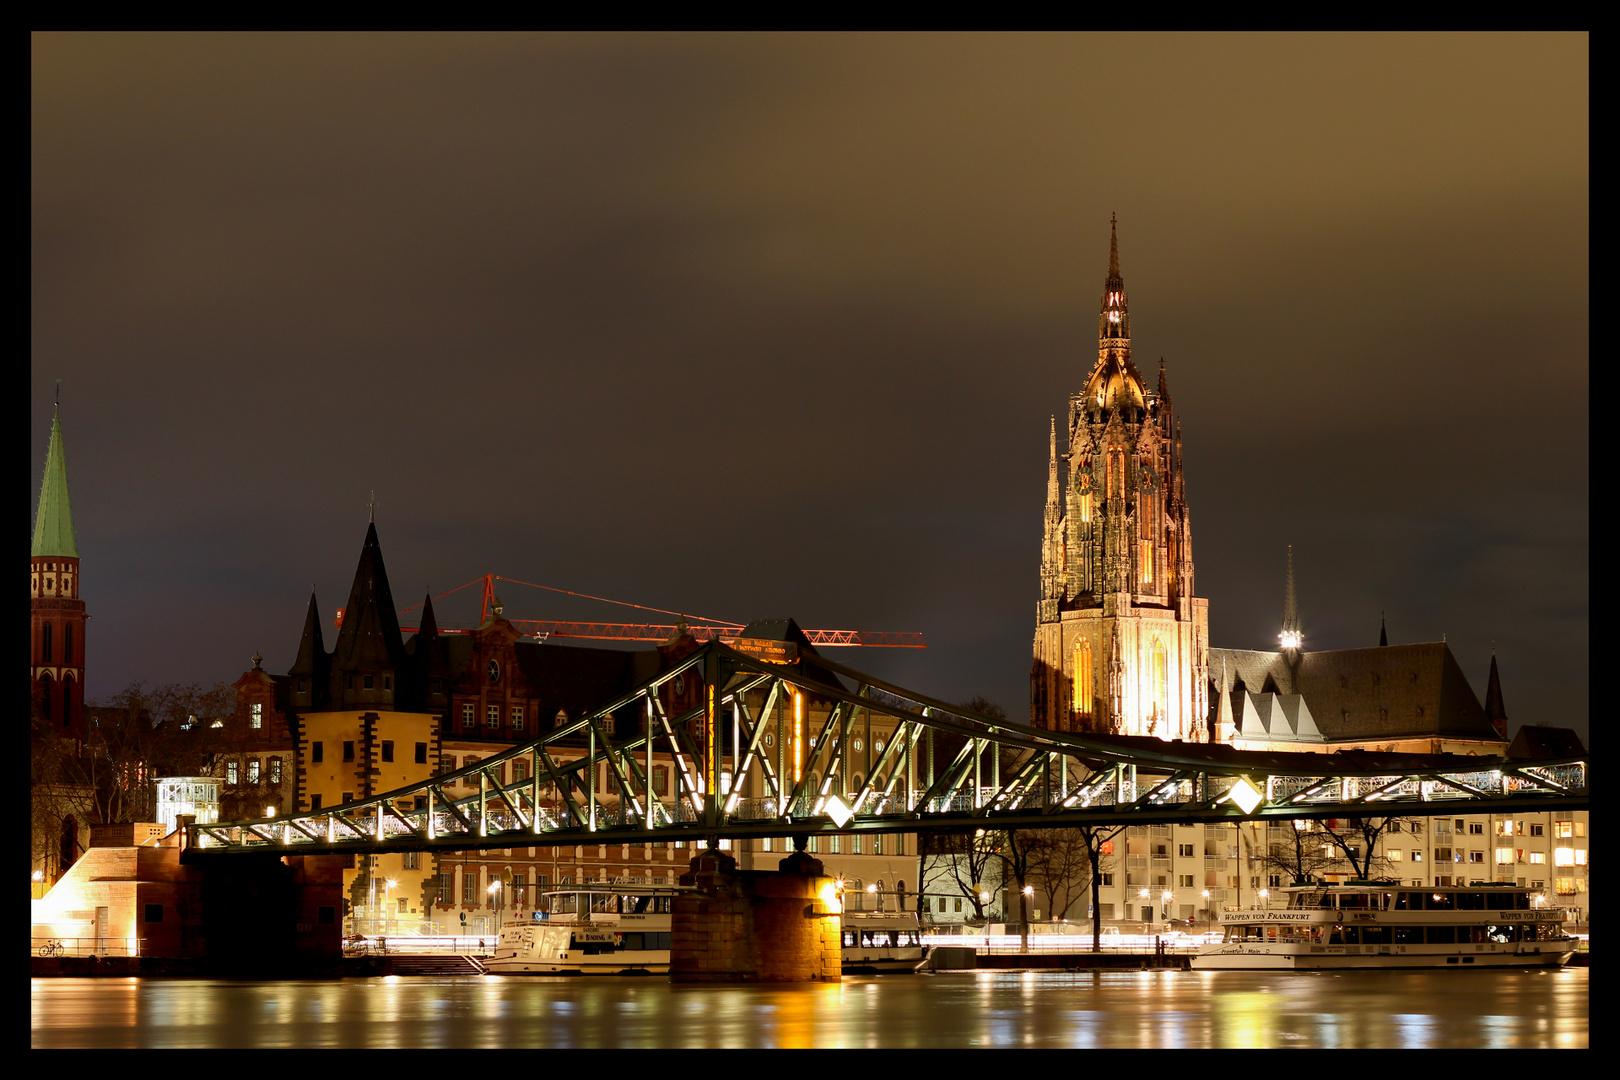 Frankfurt bei Nacht - Alte Brücke